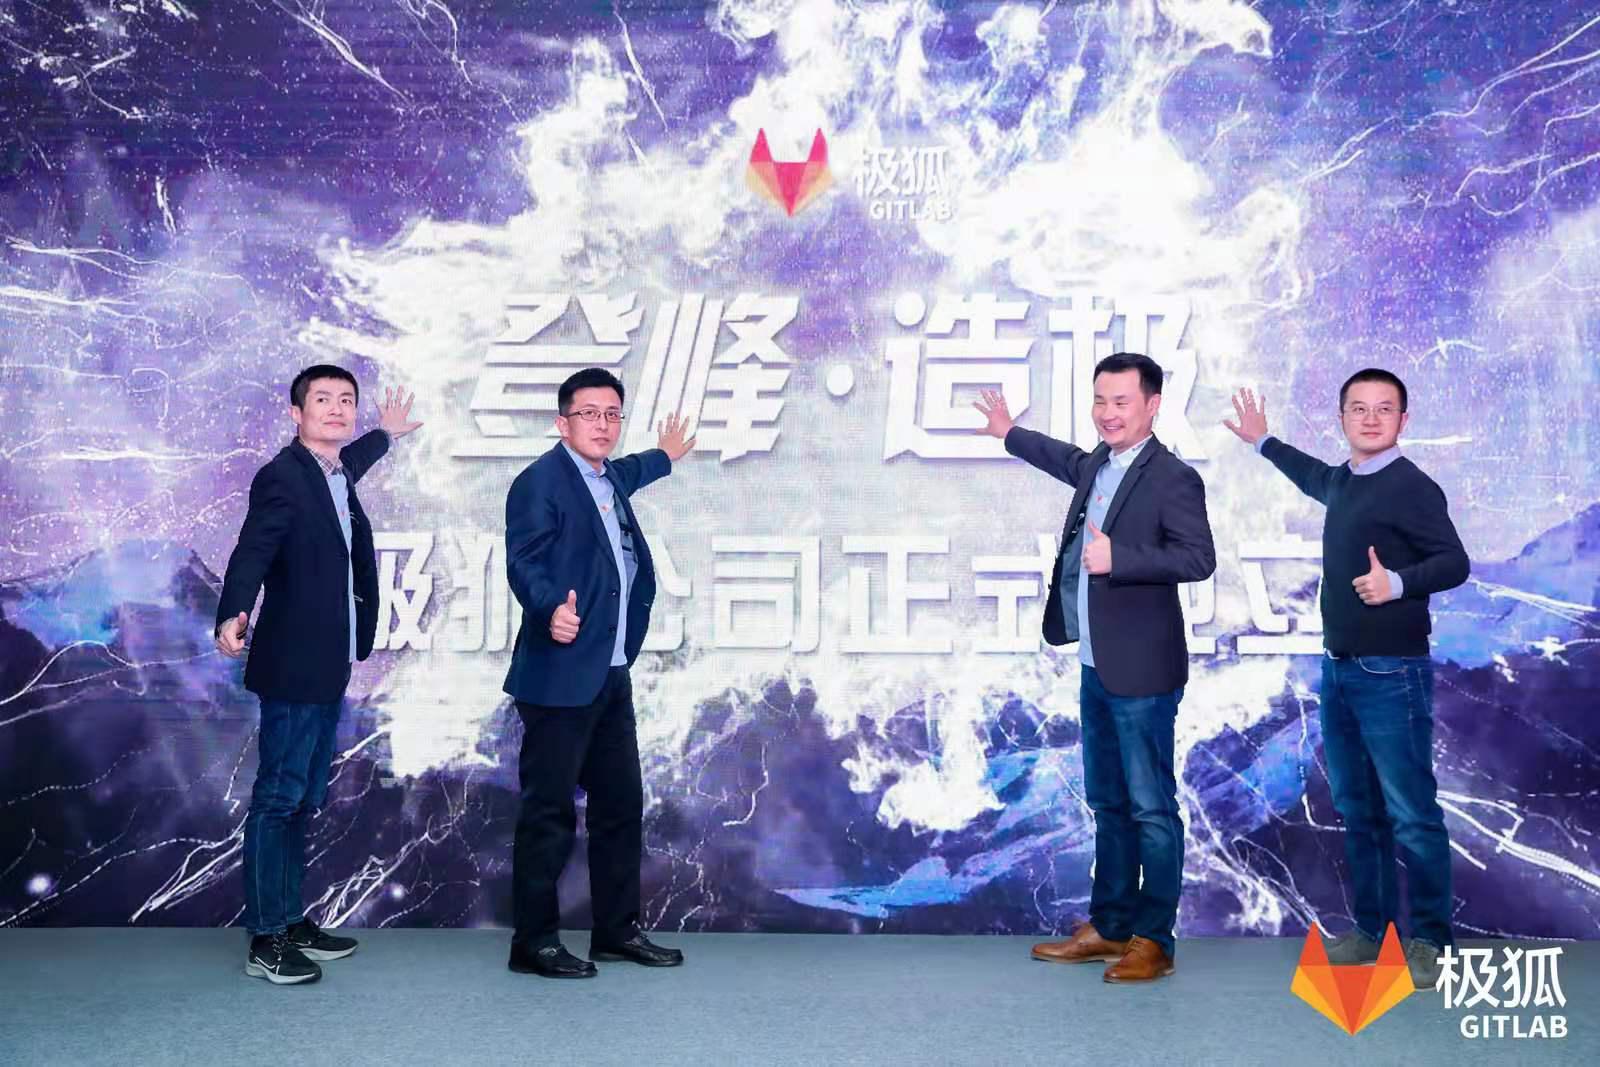 极狐成立即获亿元融资, GitLab与红杉宽带、高成资本联手打造中国开源DevOps平台